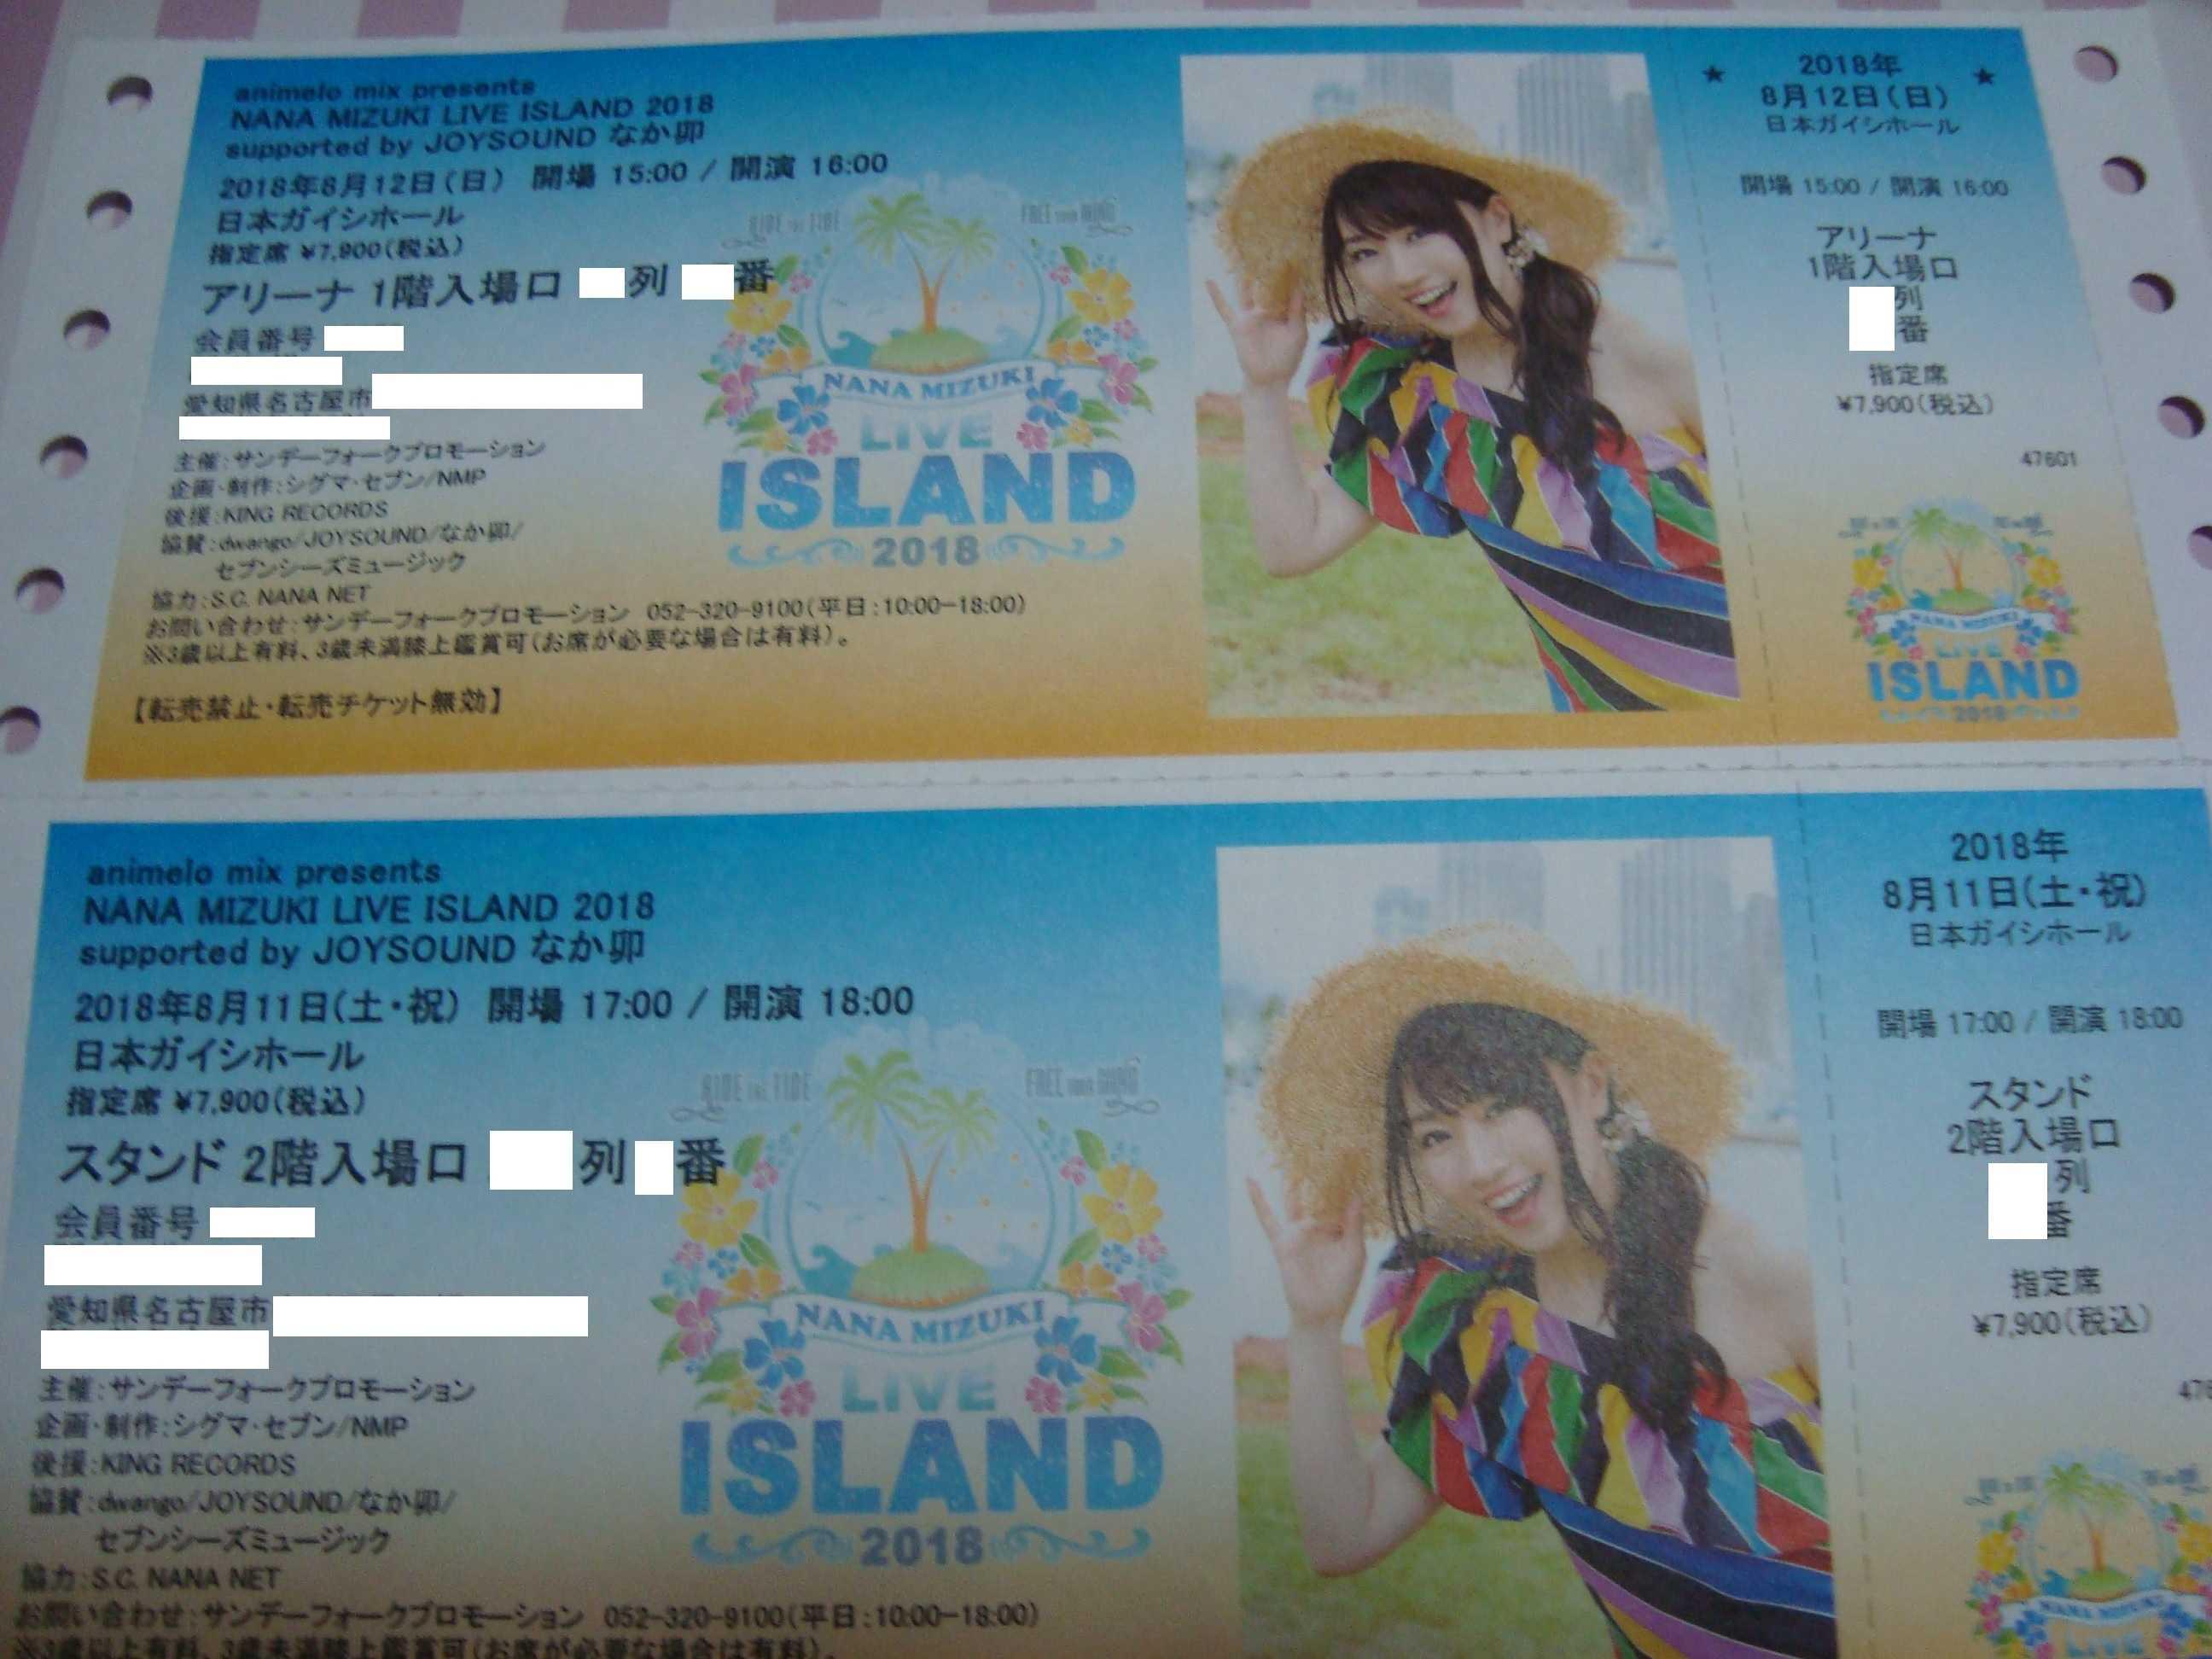 今週末は「NANA MIZUKI LIVE ISLAND 2018」行くっす!! - hsrのガラクタ箱